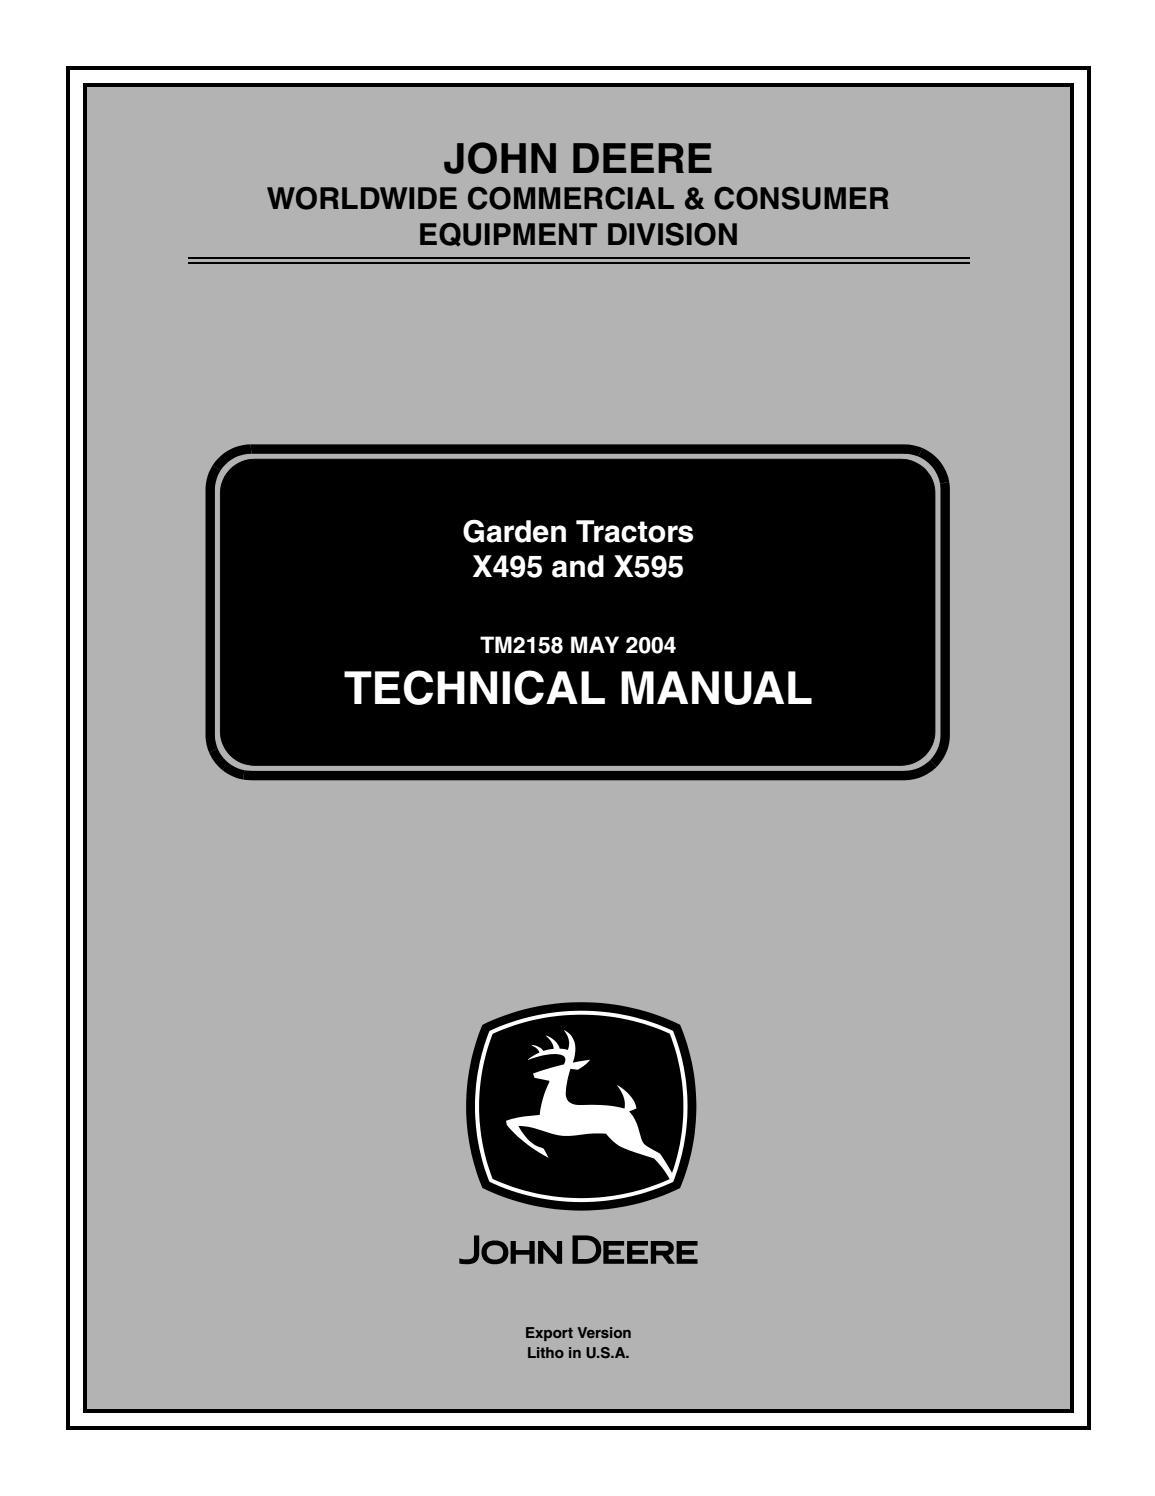 John deere x495 lawn & garden tractor service repair